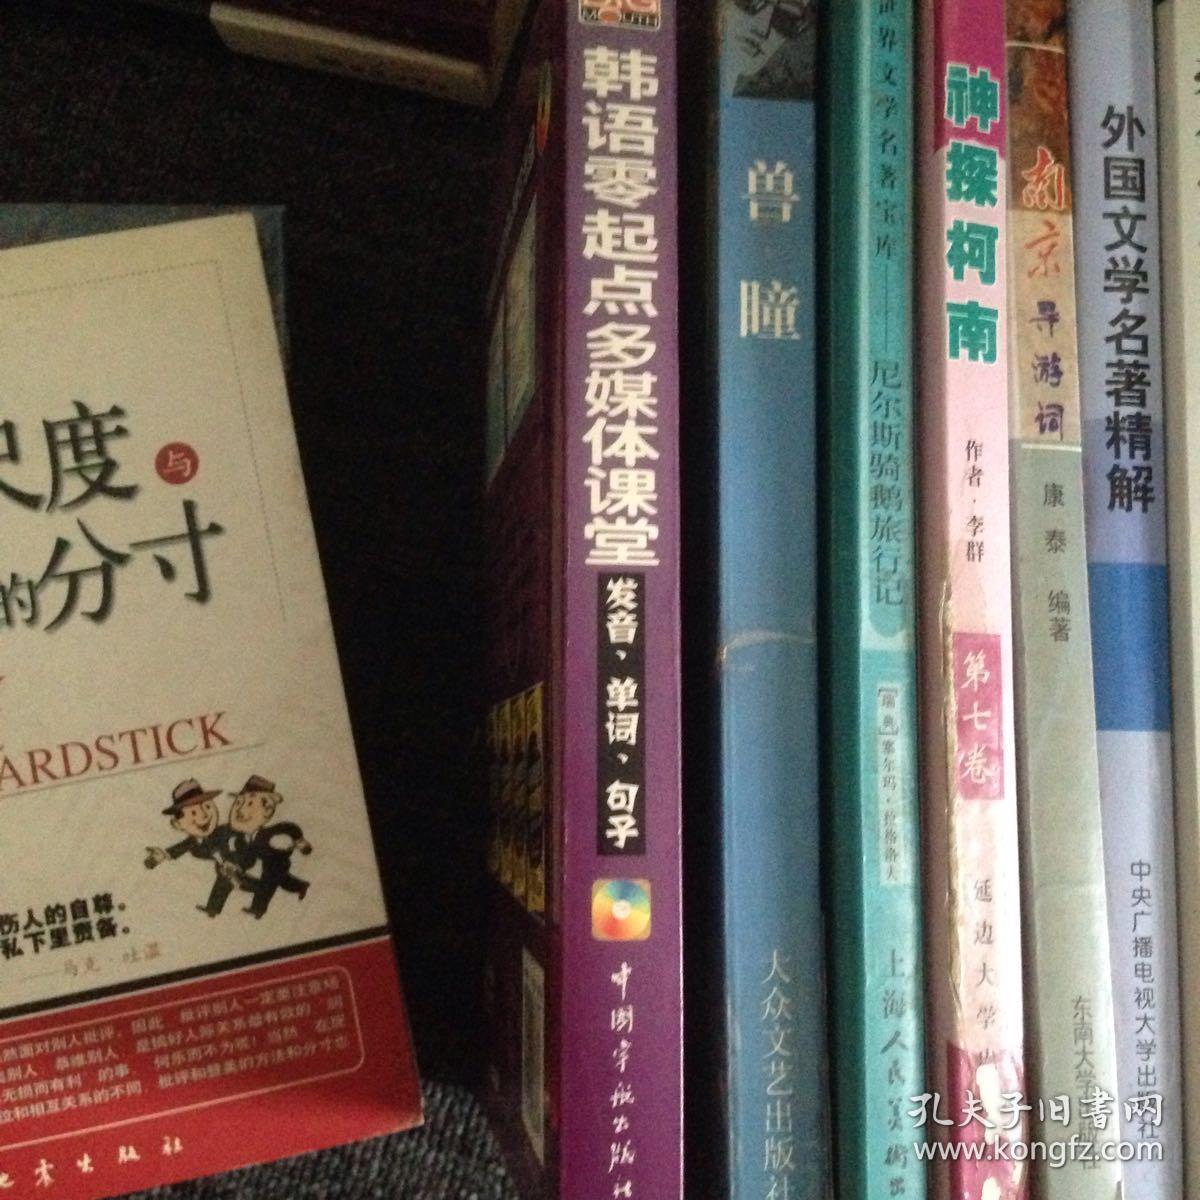 韩语零起点多媒体课堂